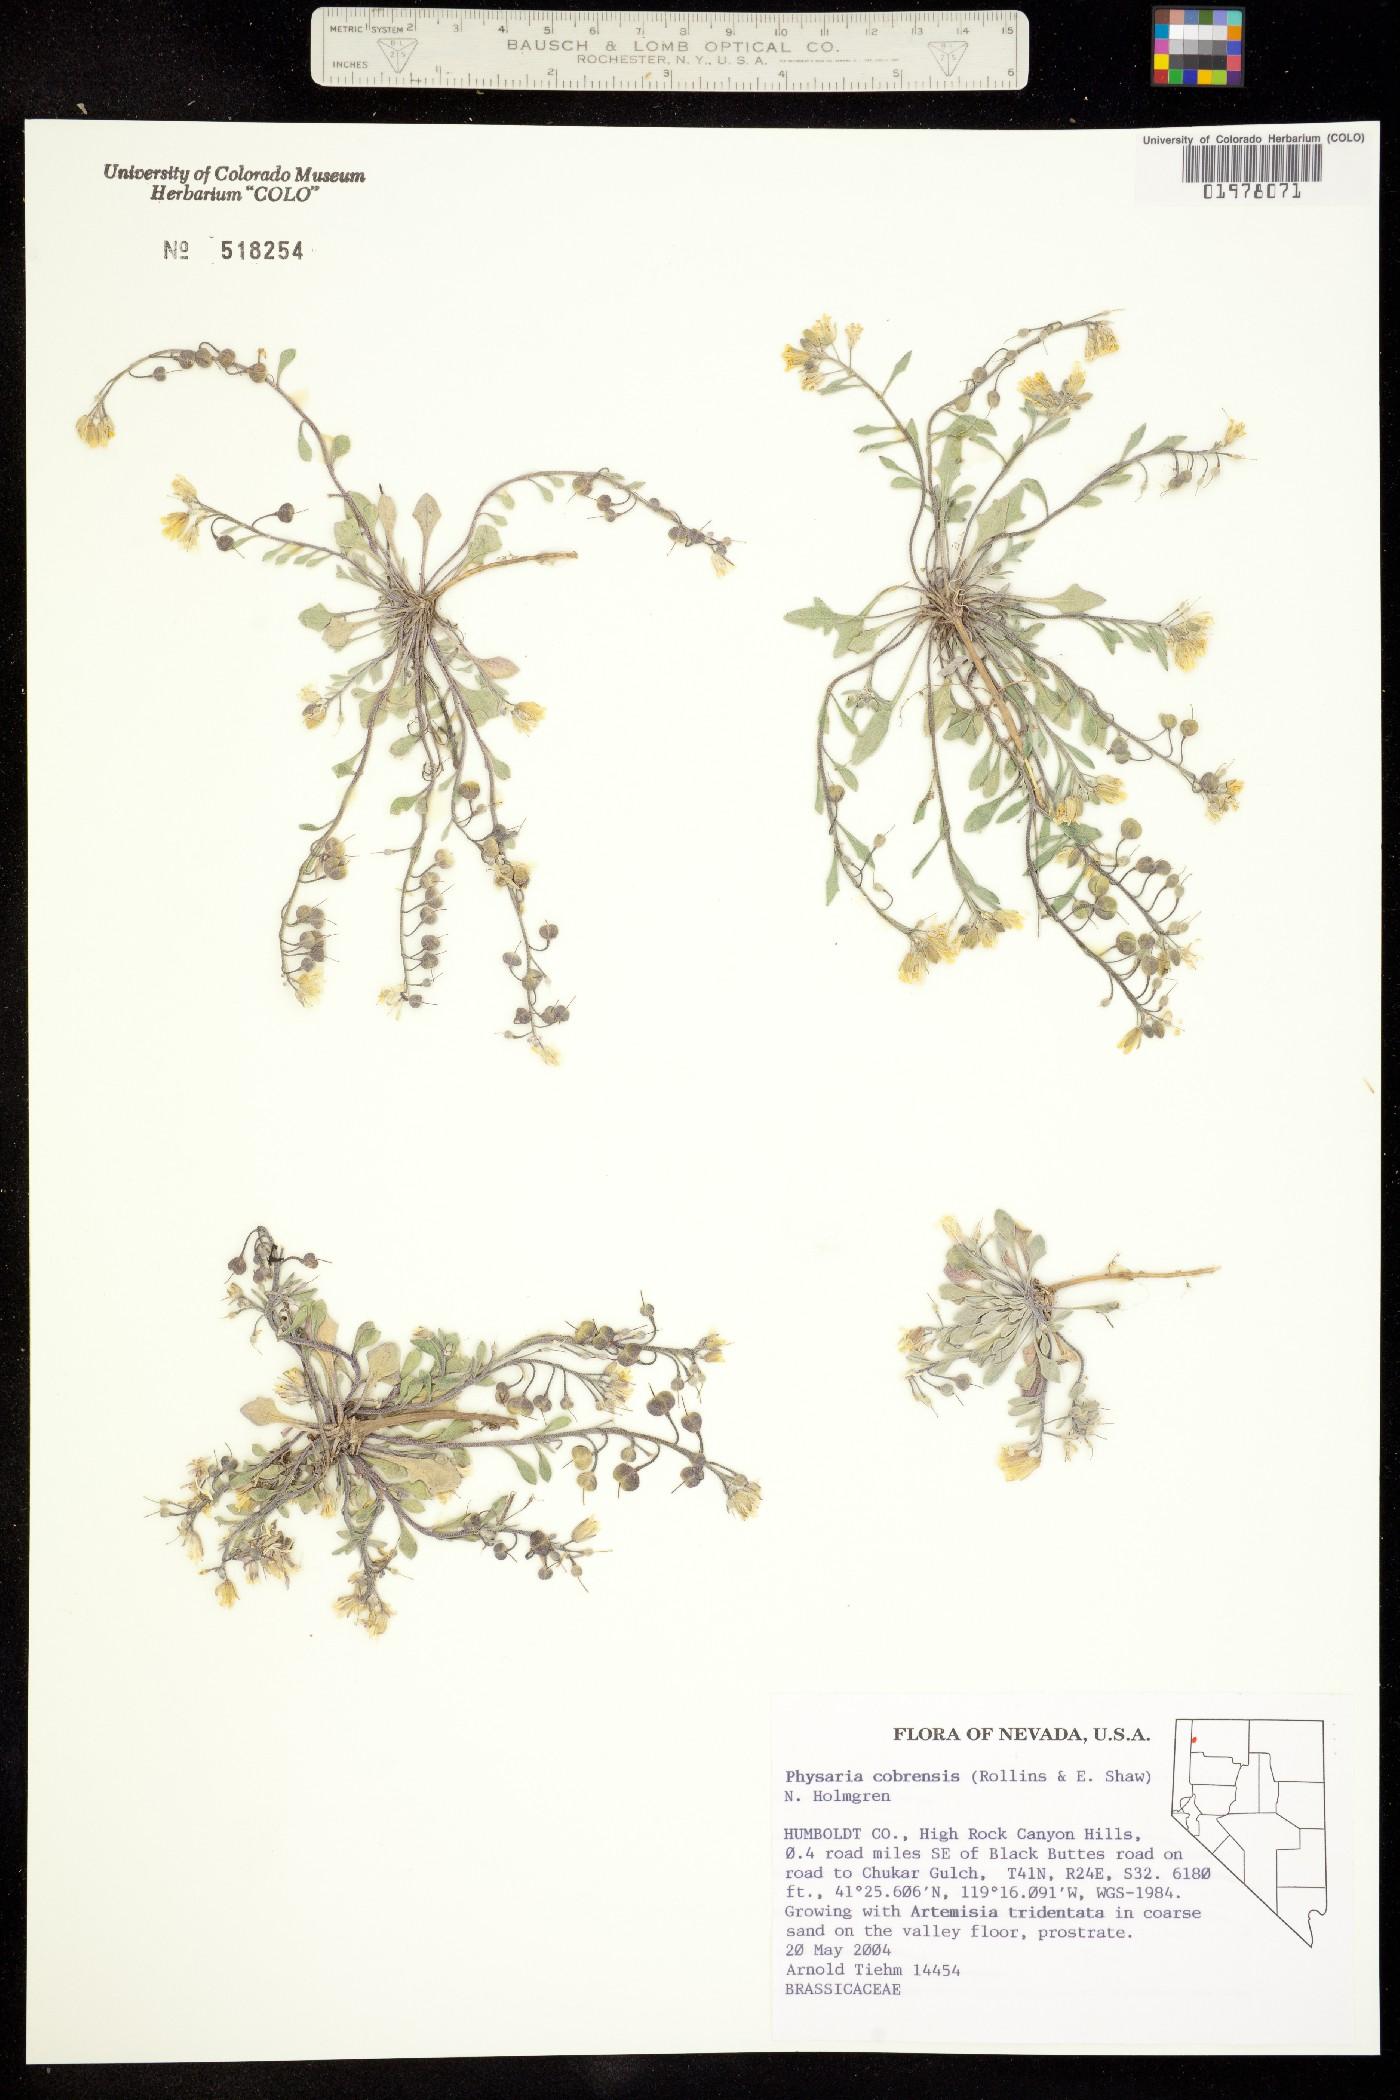 Physaria cobrensis image